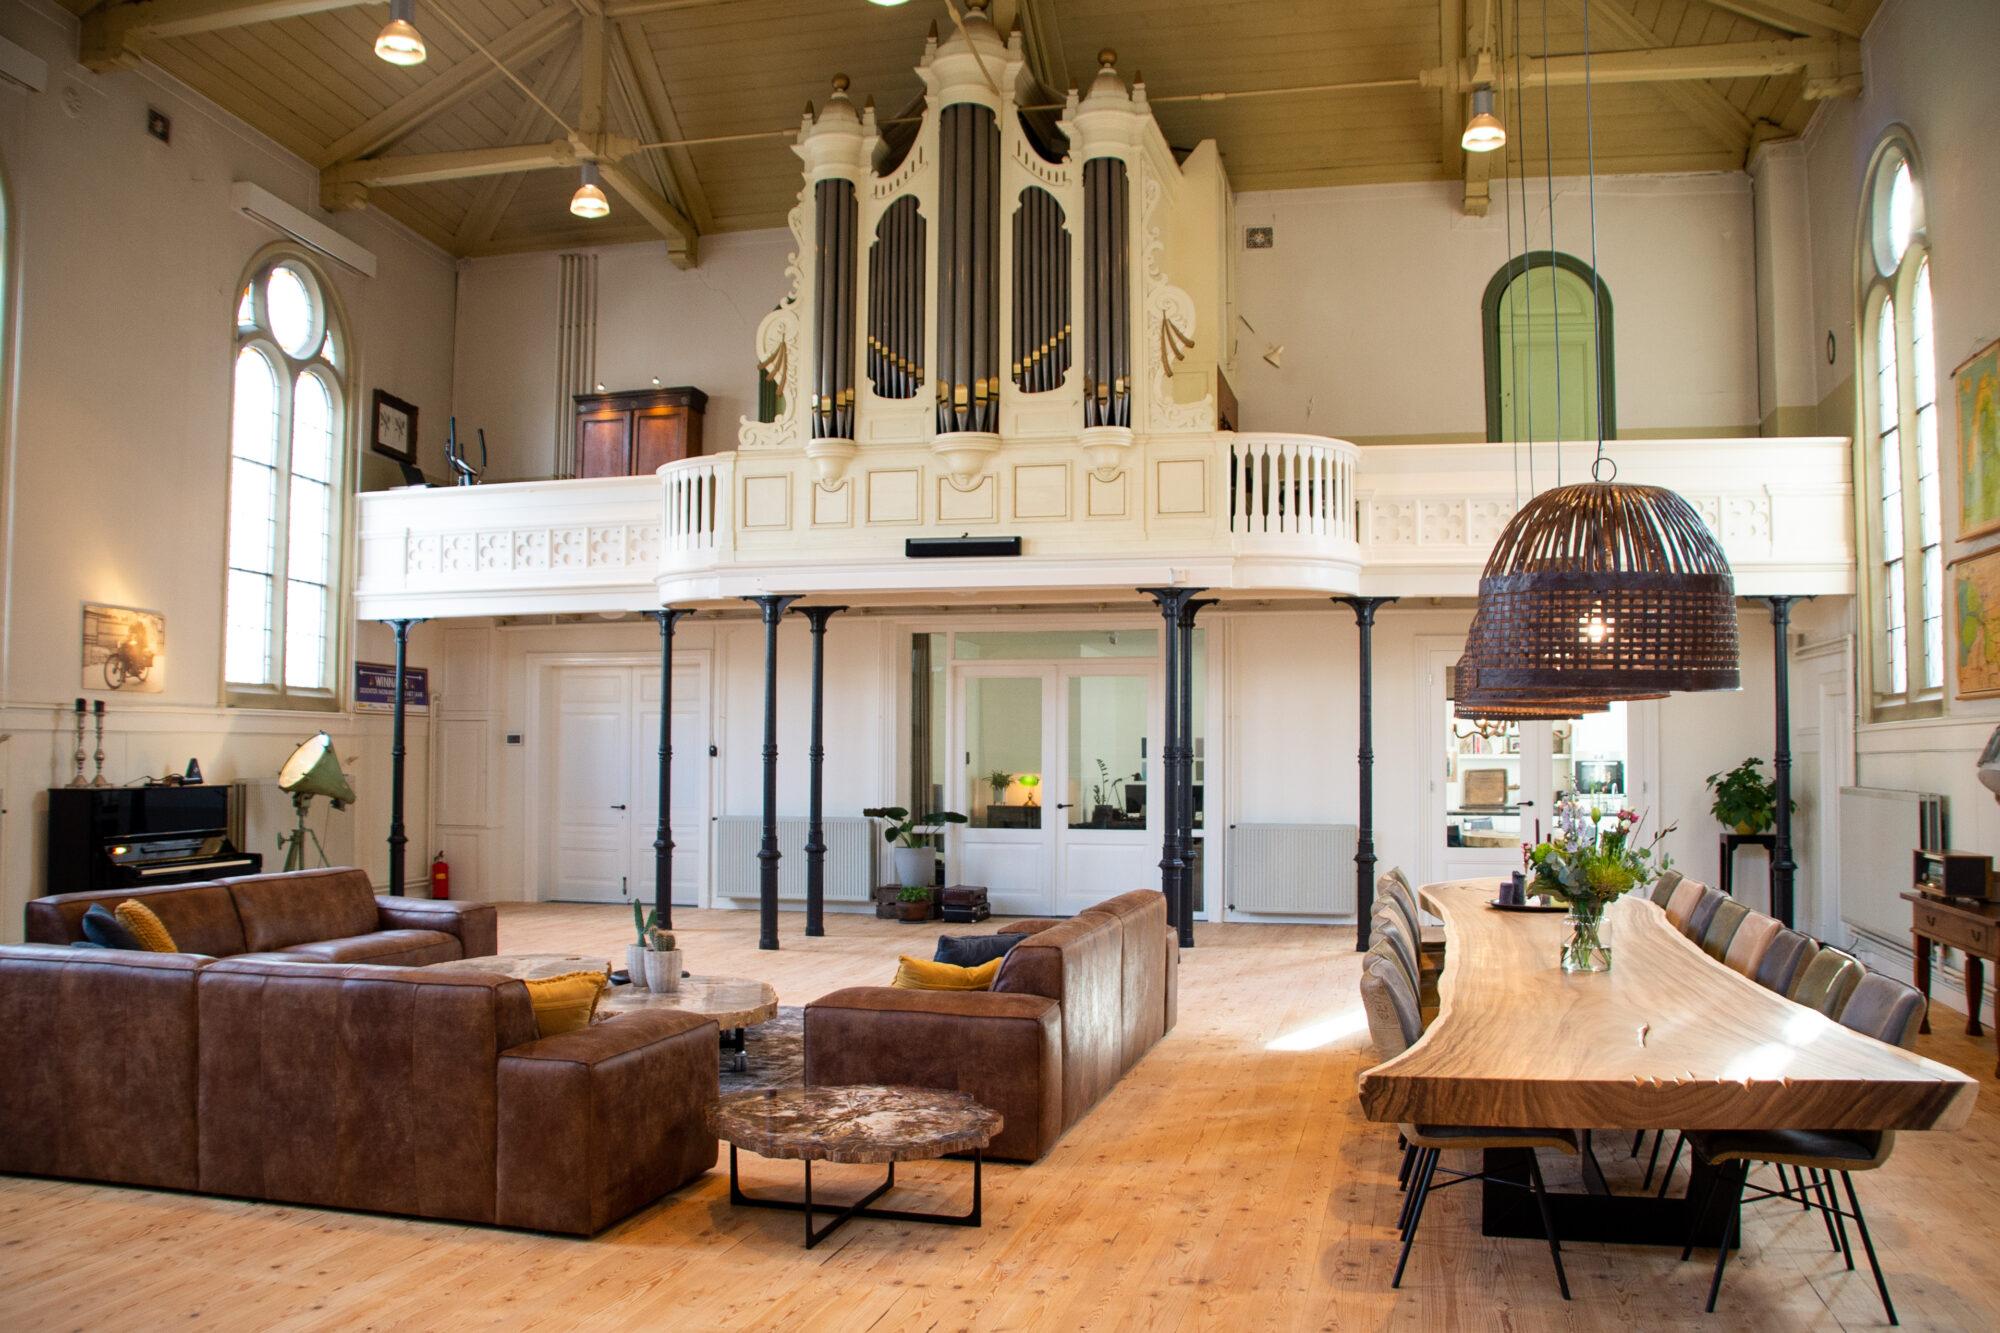 Wonen tussen het orgel en de preekstoel van de kerk